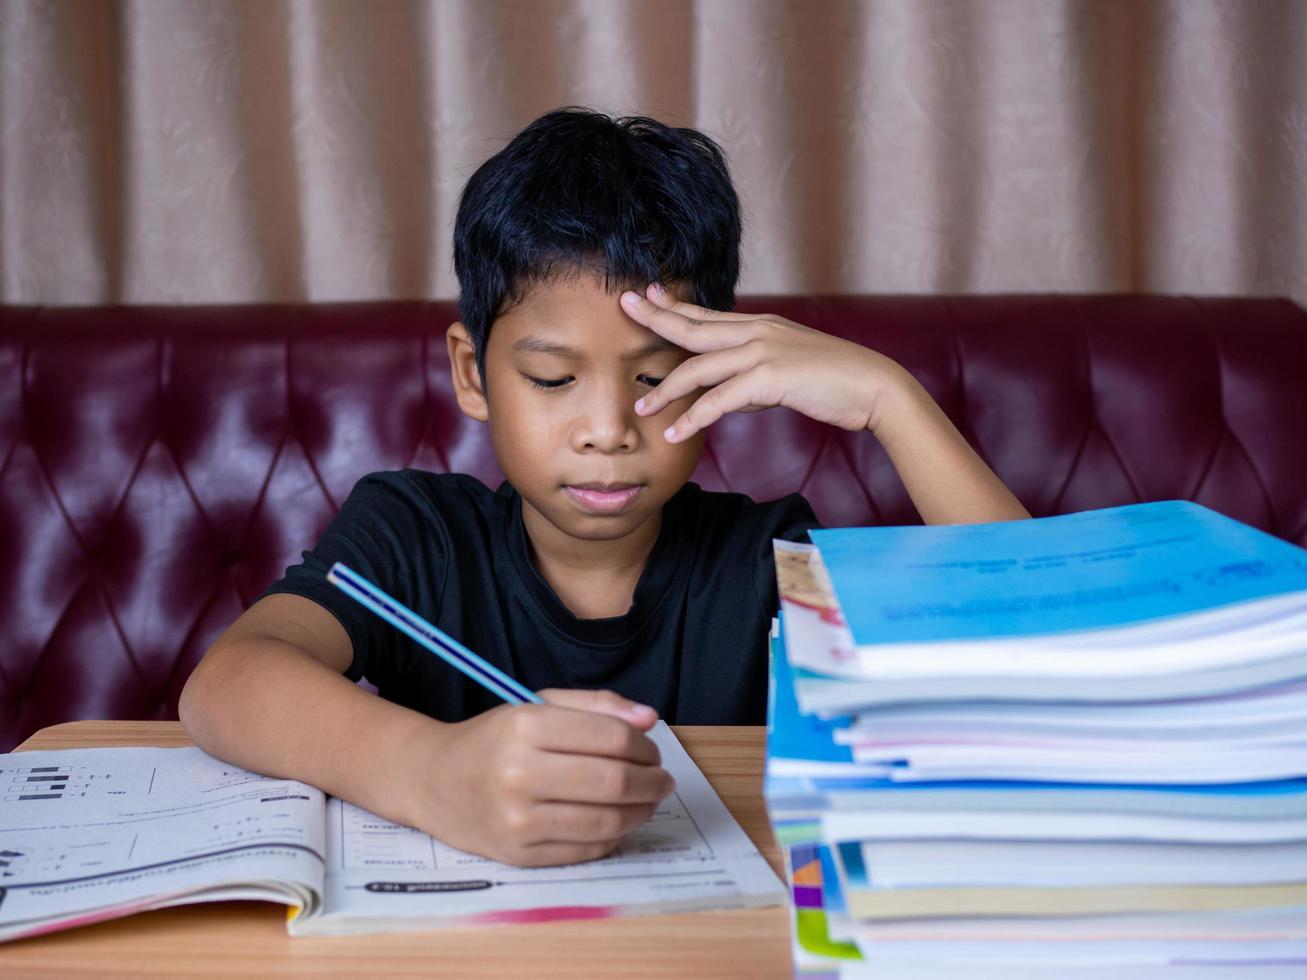 jongen huiswerk en lezen op een houten tafel met een stapel boeken naast de achtergrond is een rode bank en crème gordijnen. foto